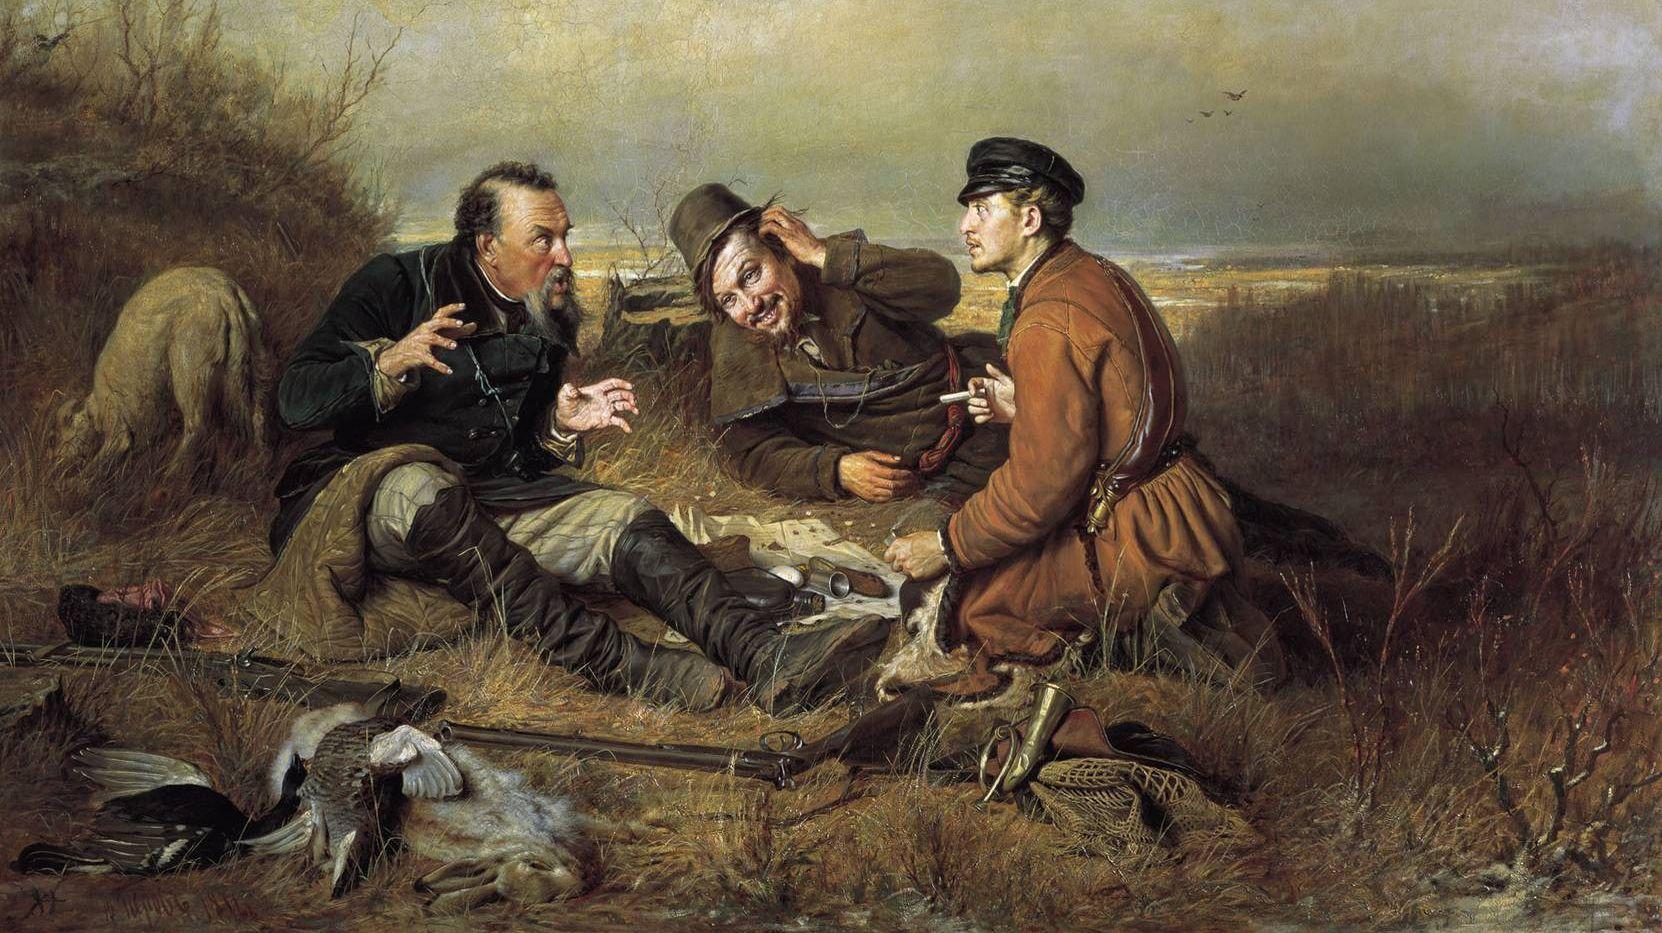 Перов Василий. Охотники на привале. 1871